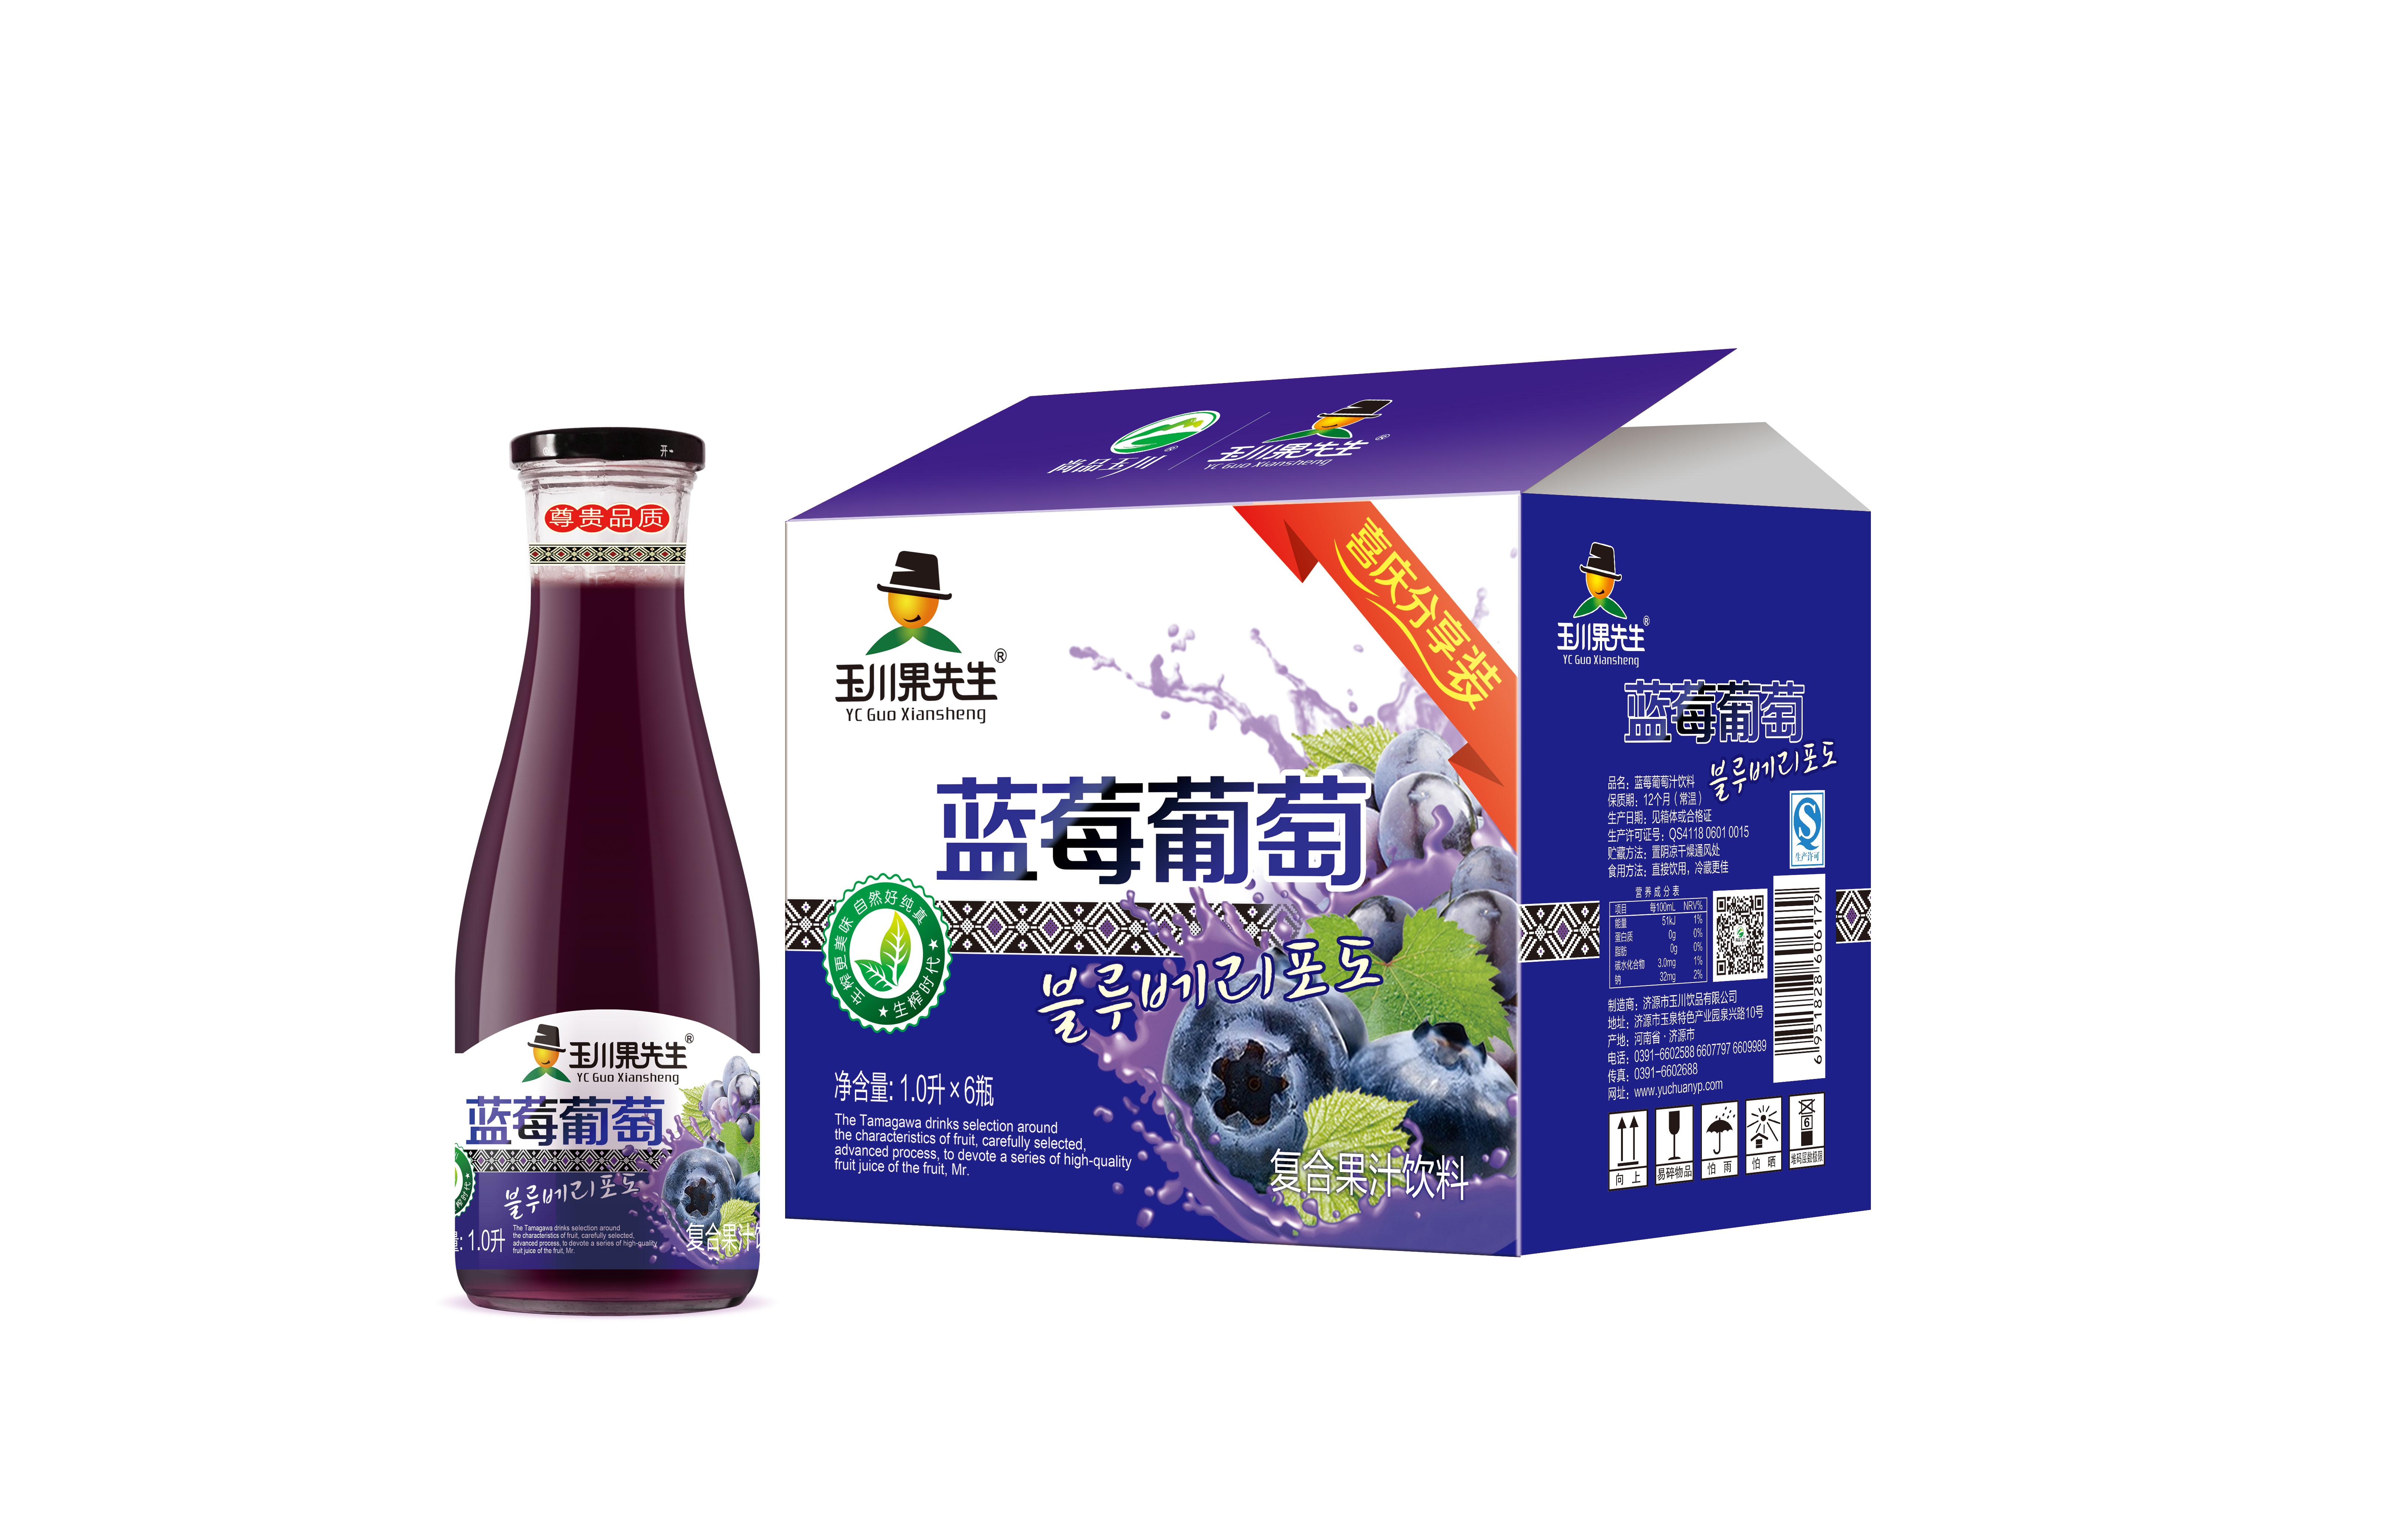 1L×6 玉川果先生63#蓝莓葡萄果汁饮料